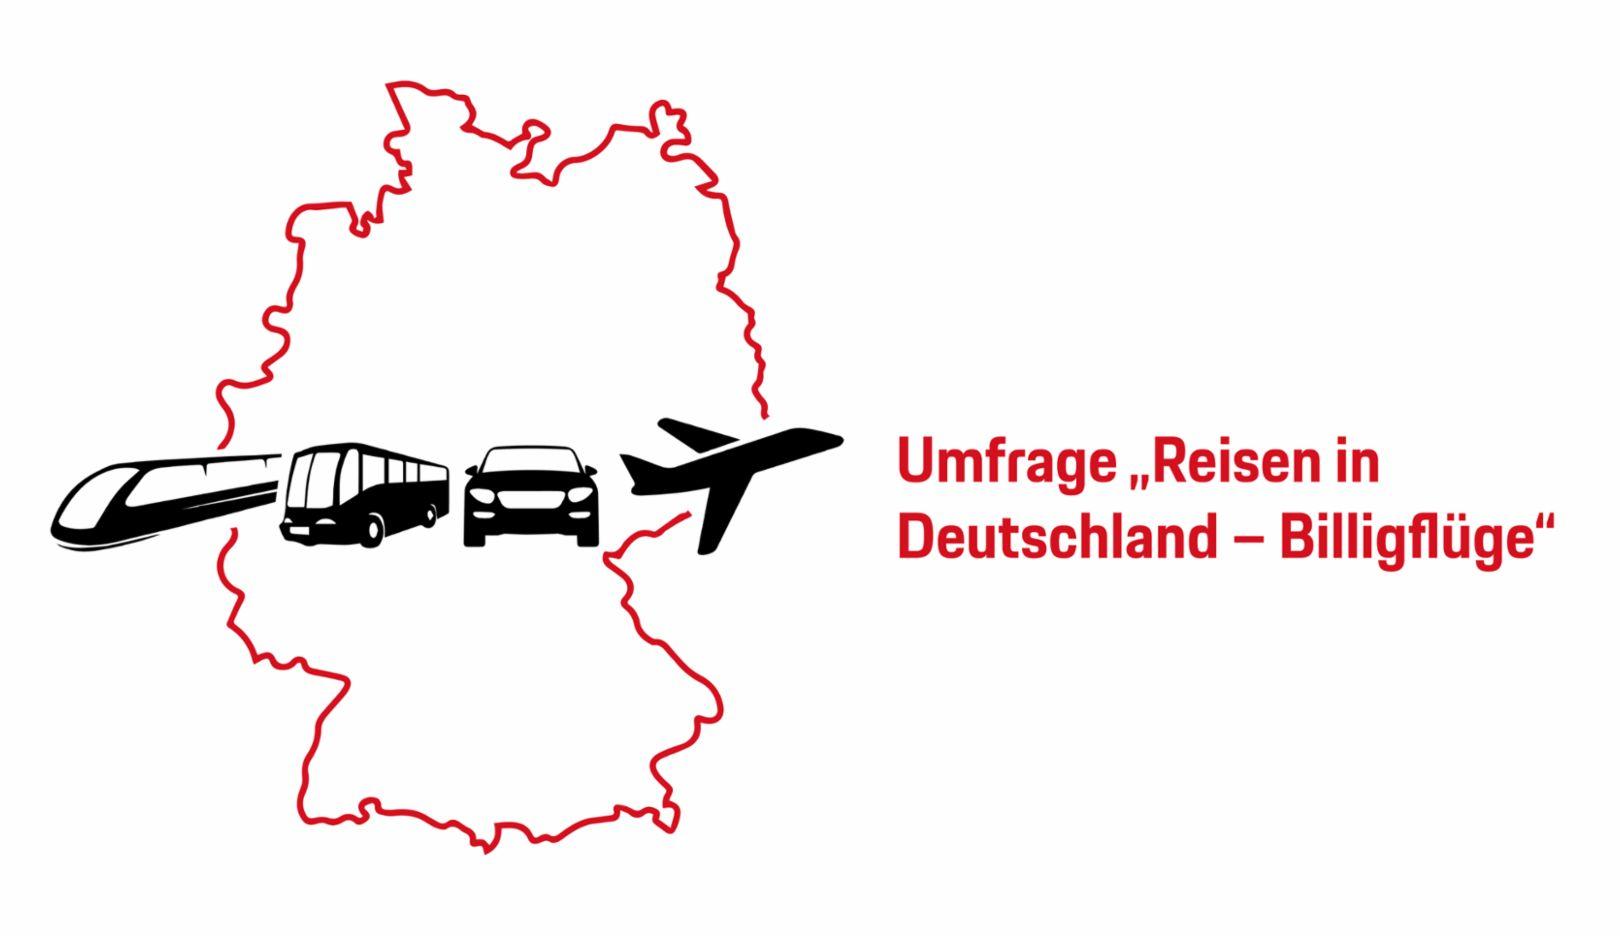 """Umfrage """"Reisen in Deutschland – Billigflüge"""